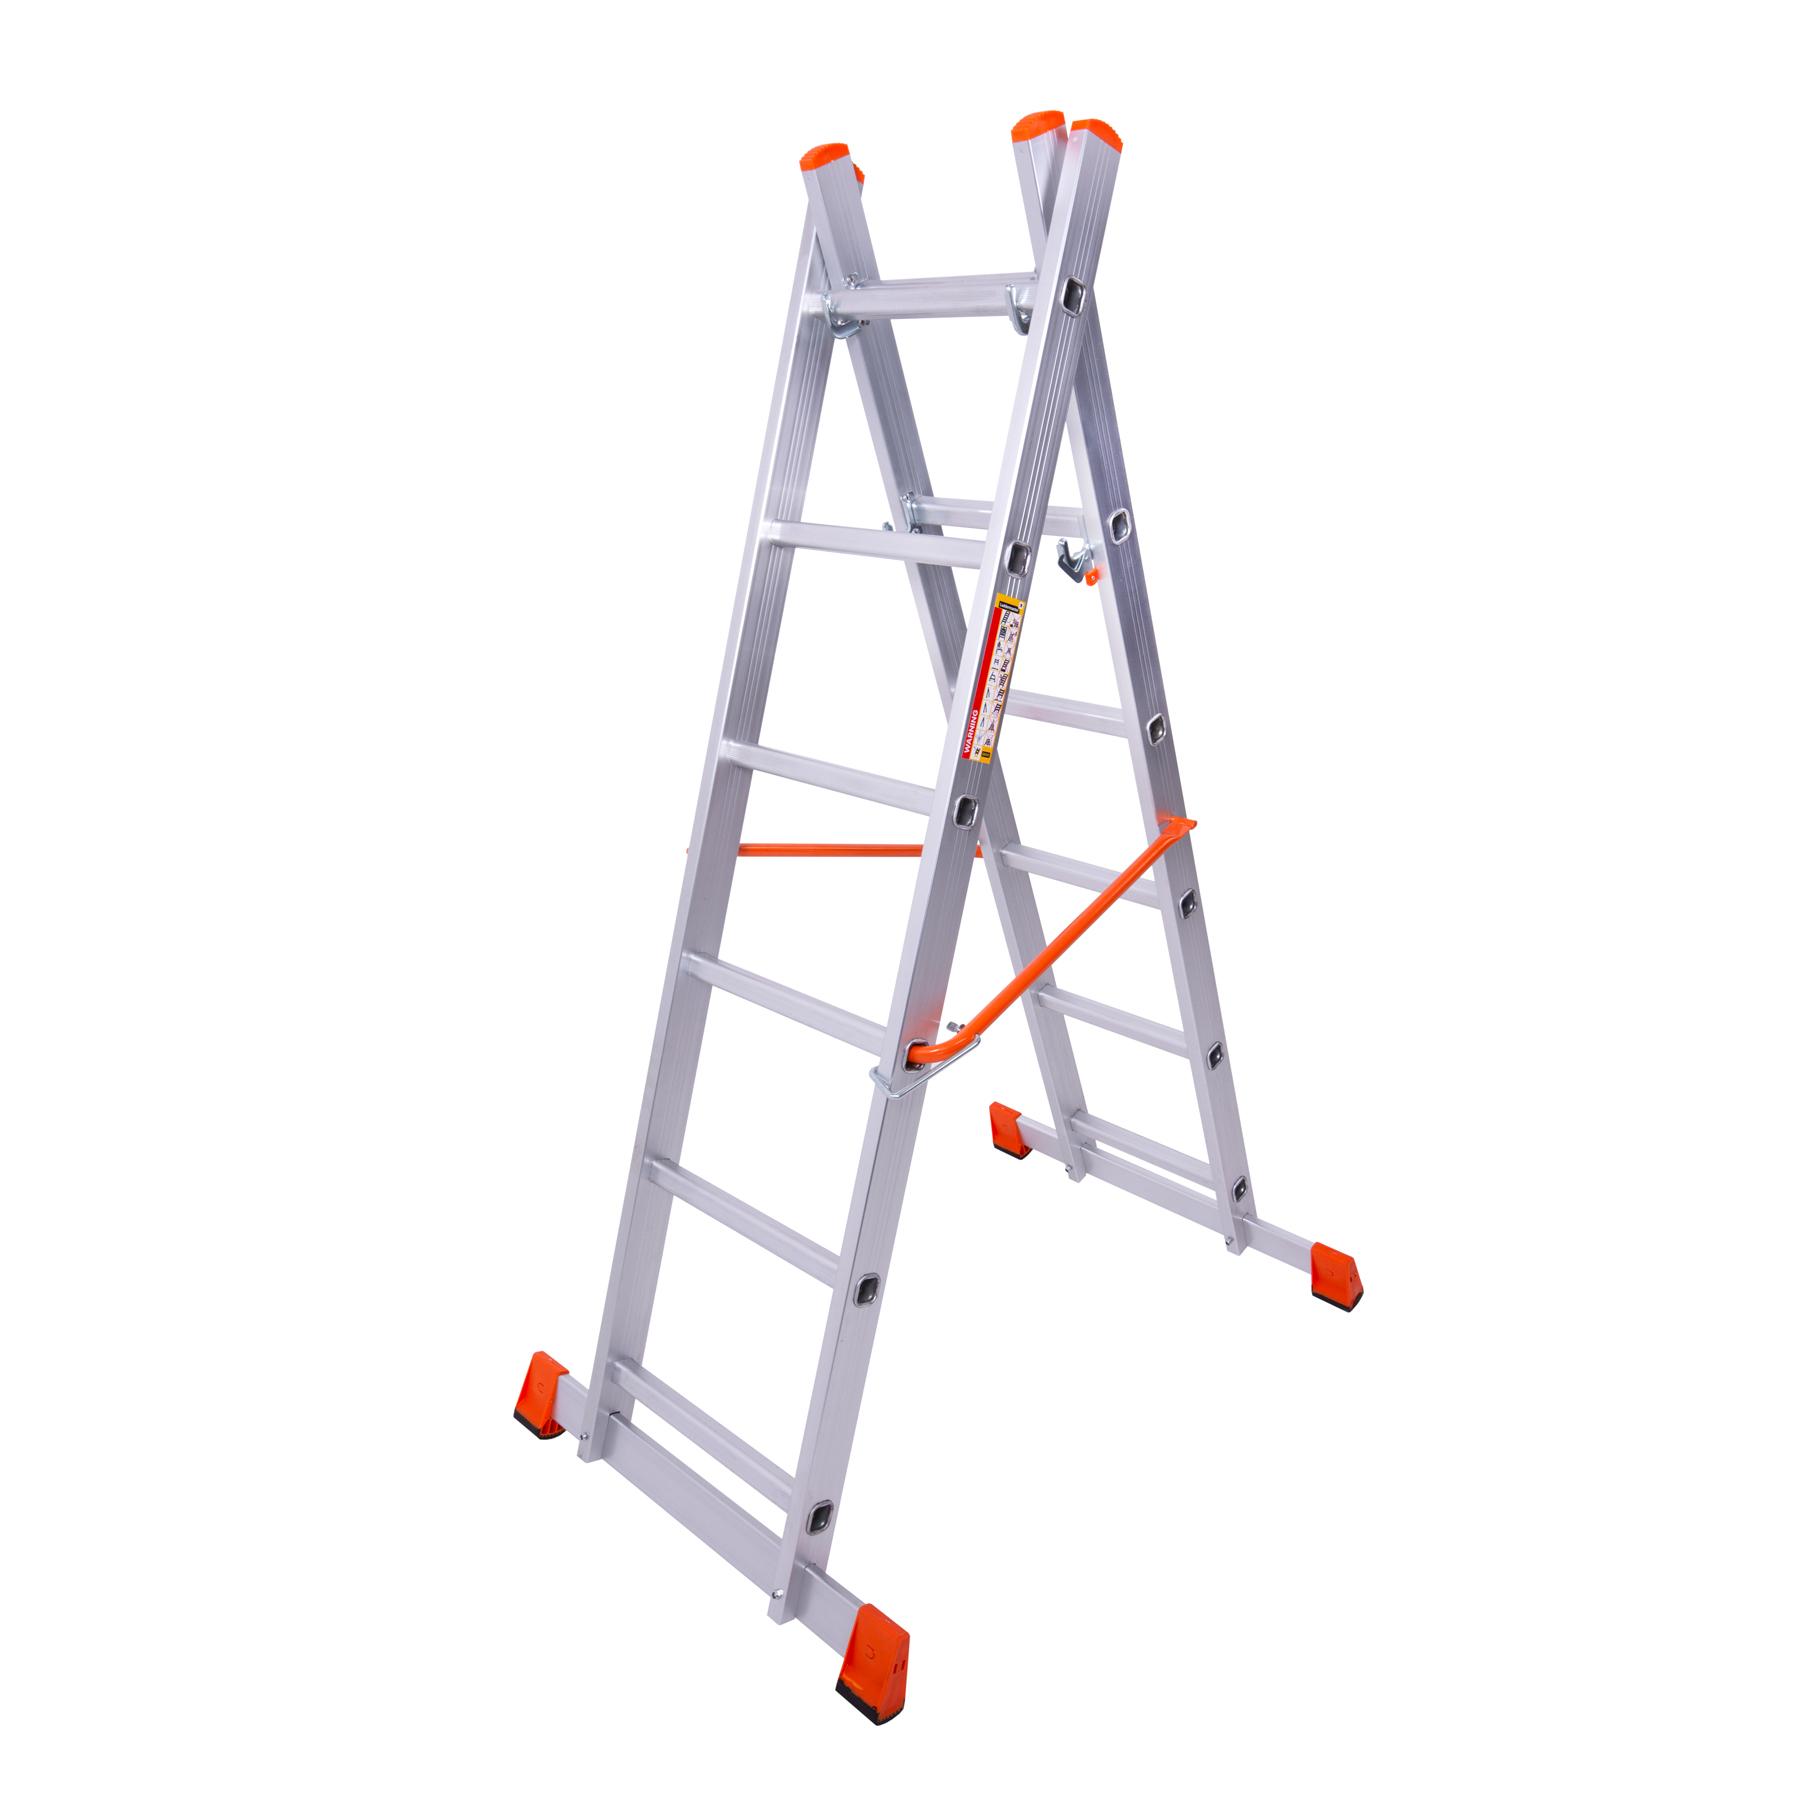 Использование лестницы помоста в качестве двусторонней стремянки